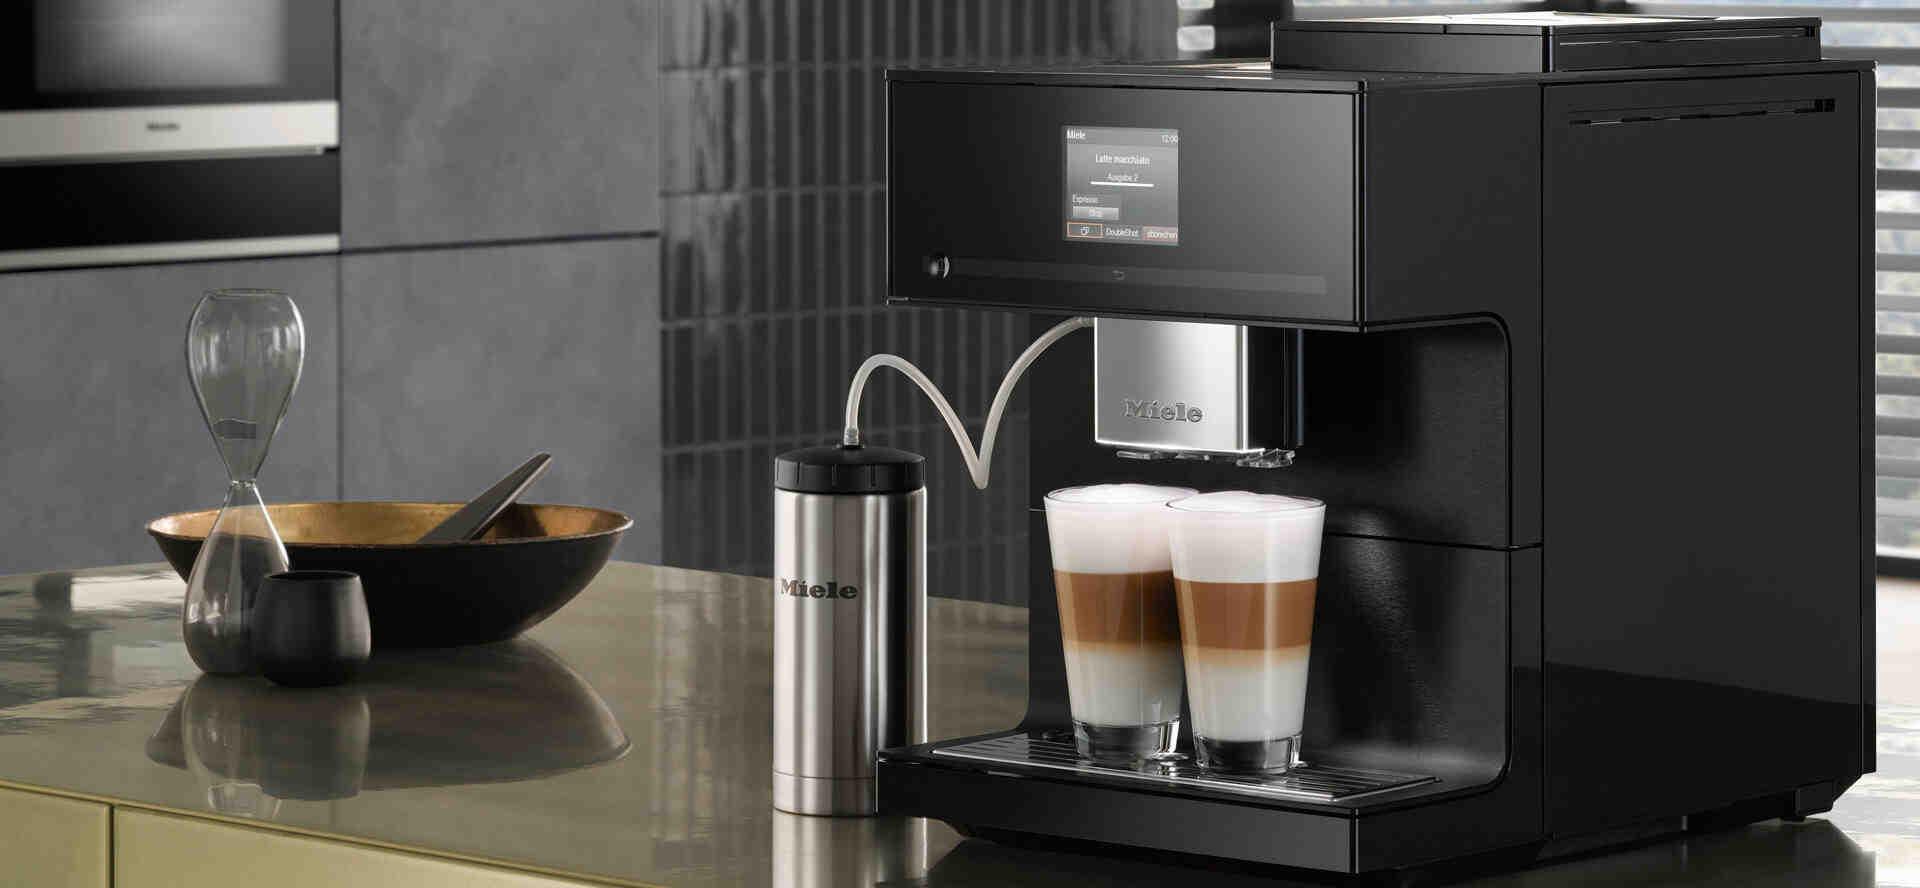 Quel espresso Delonghi choisir?